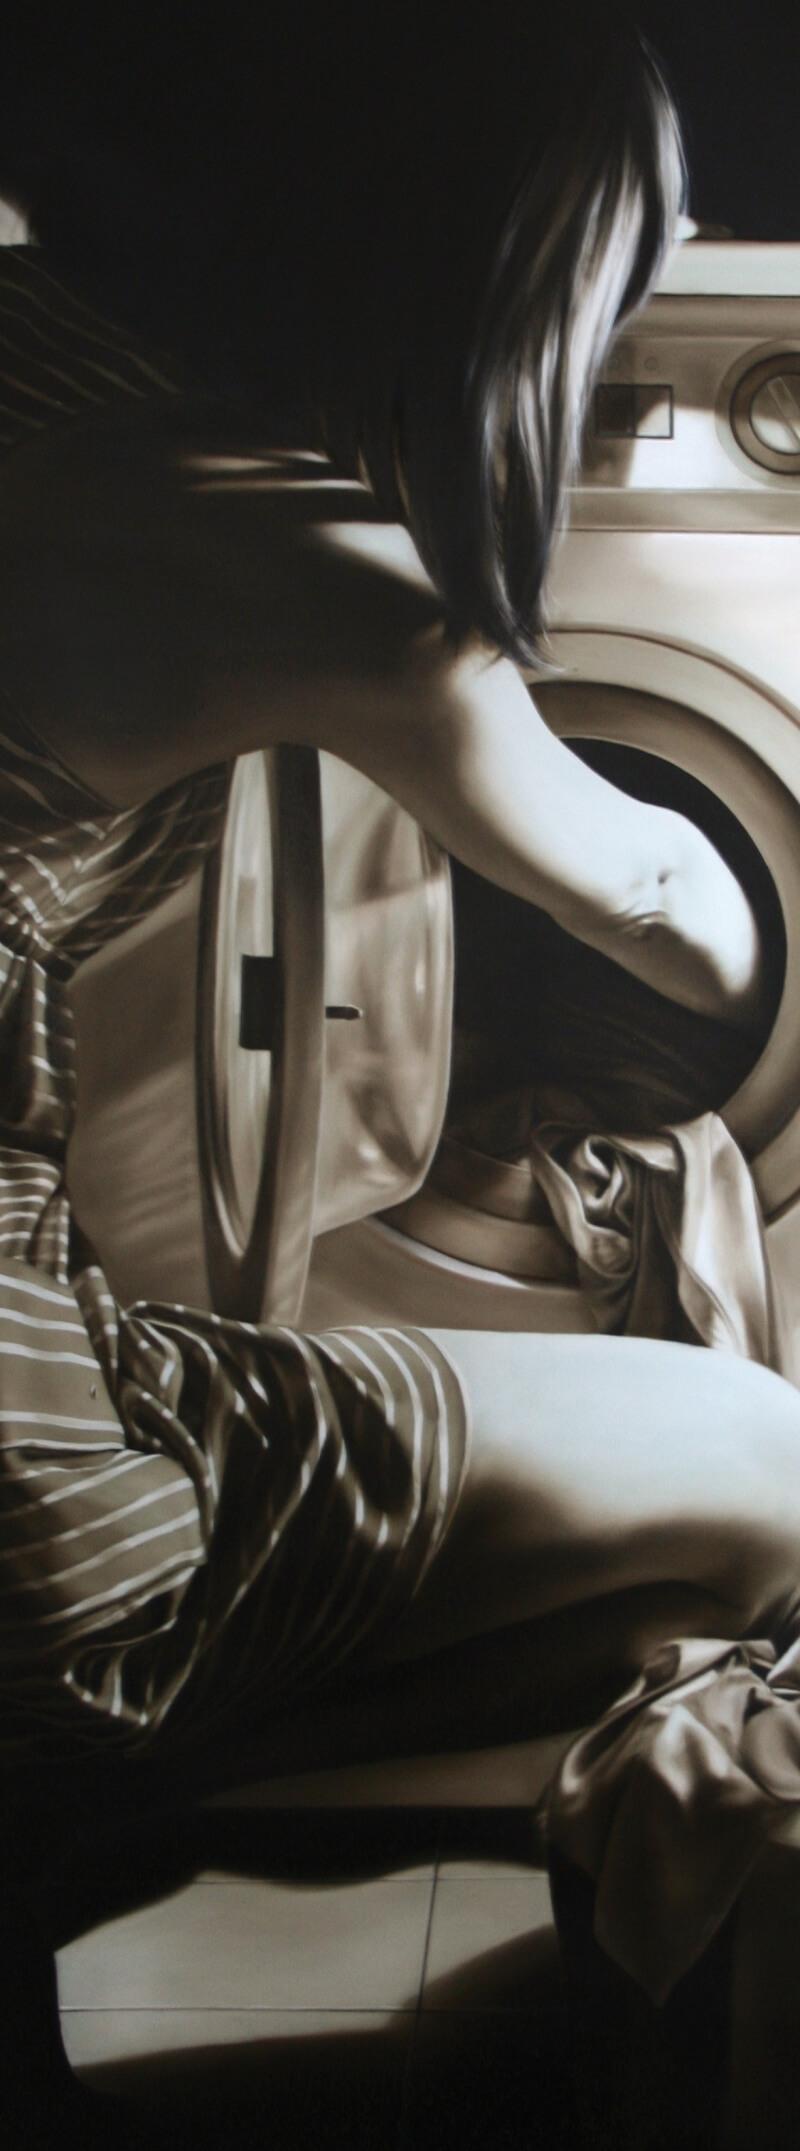 Personae 2, olio su tela, 100x70 cm copia (1)